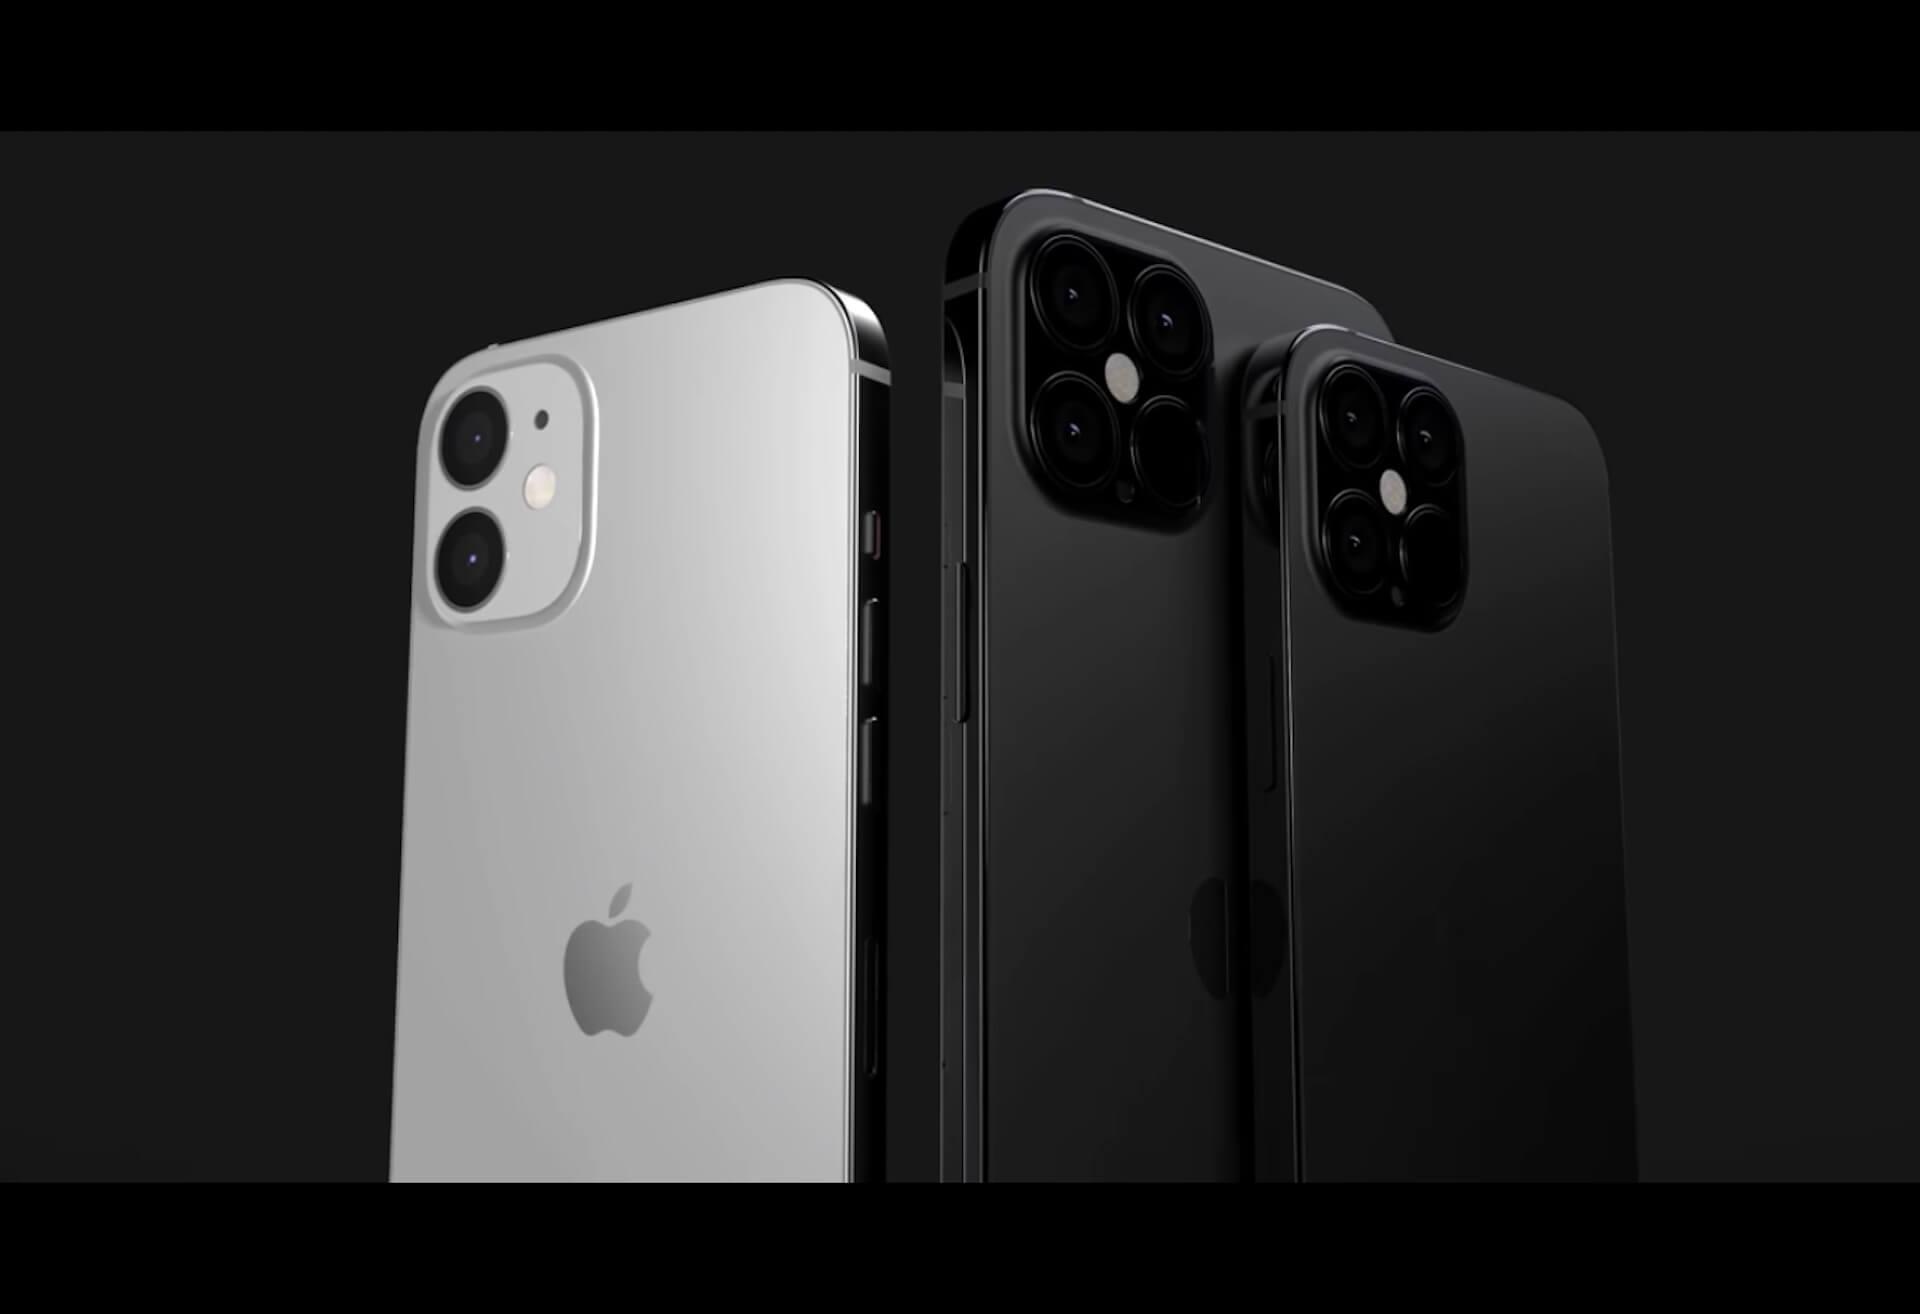 iPhone 12シリーズの販売価格と仕様がついに判明!?著名リーカーが最新情報を公開 tech200512_iphone12_main